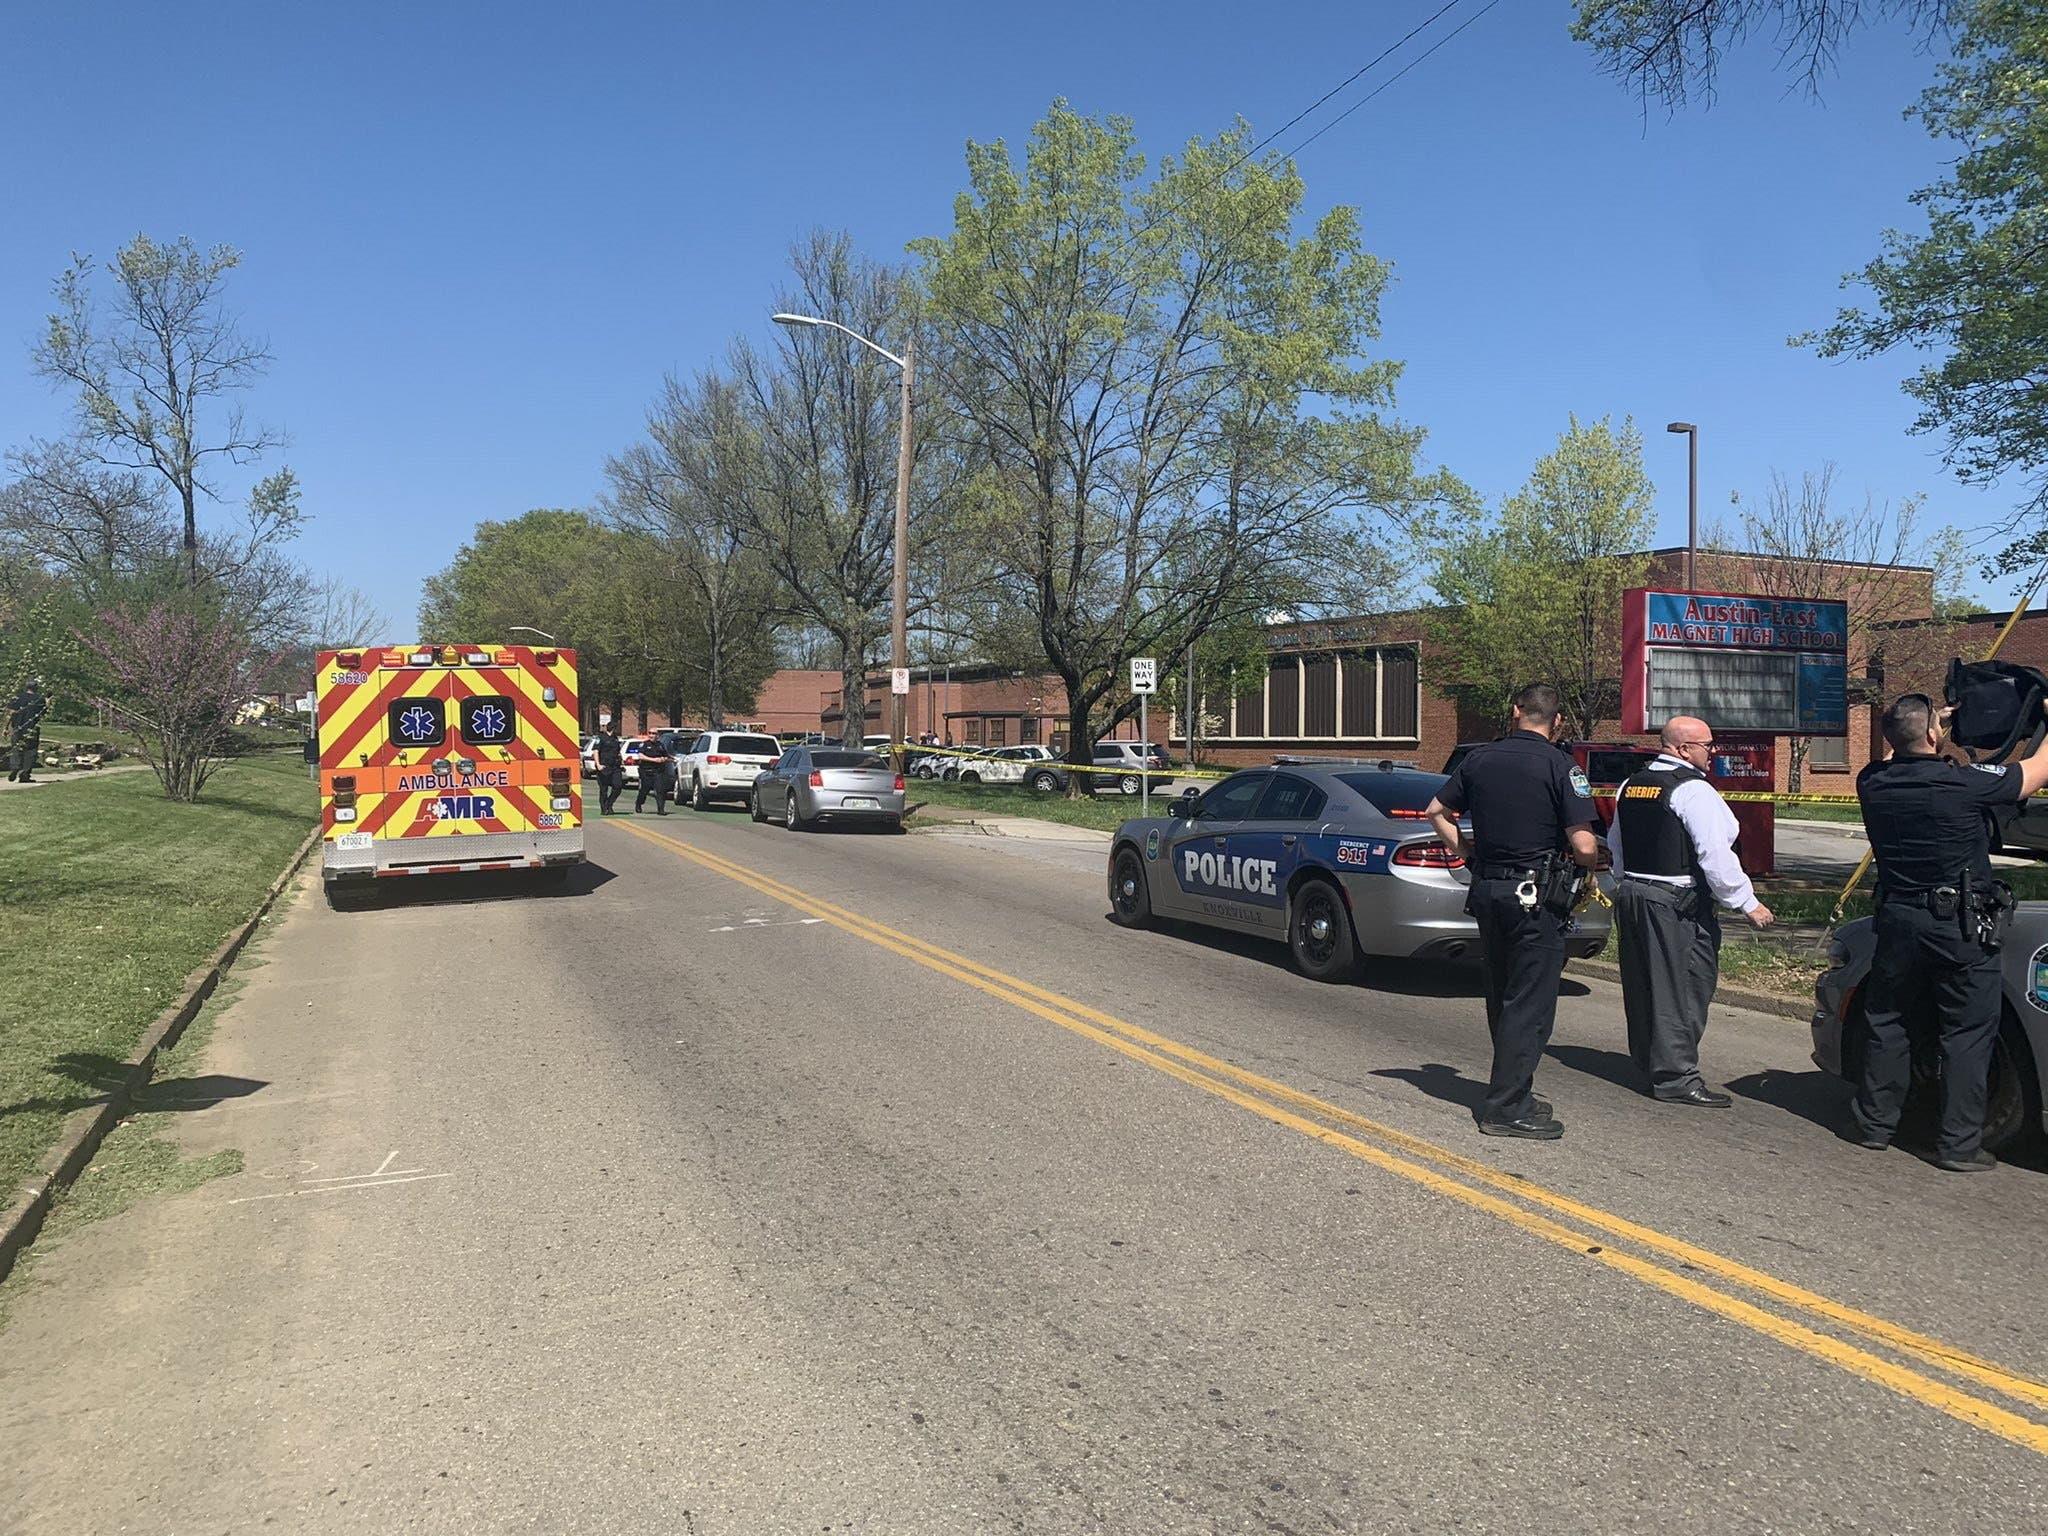 Tiroteo deja varias víctimas en una escuela secundaria de Tennessee, en EEUU